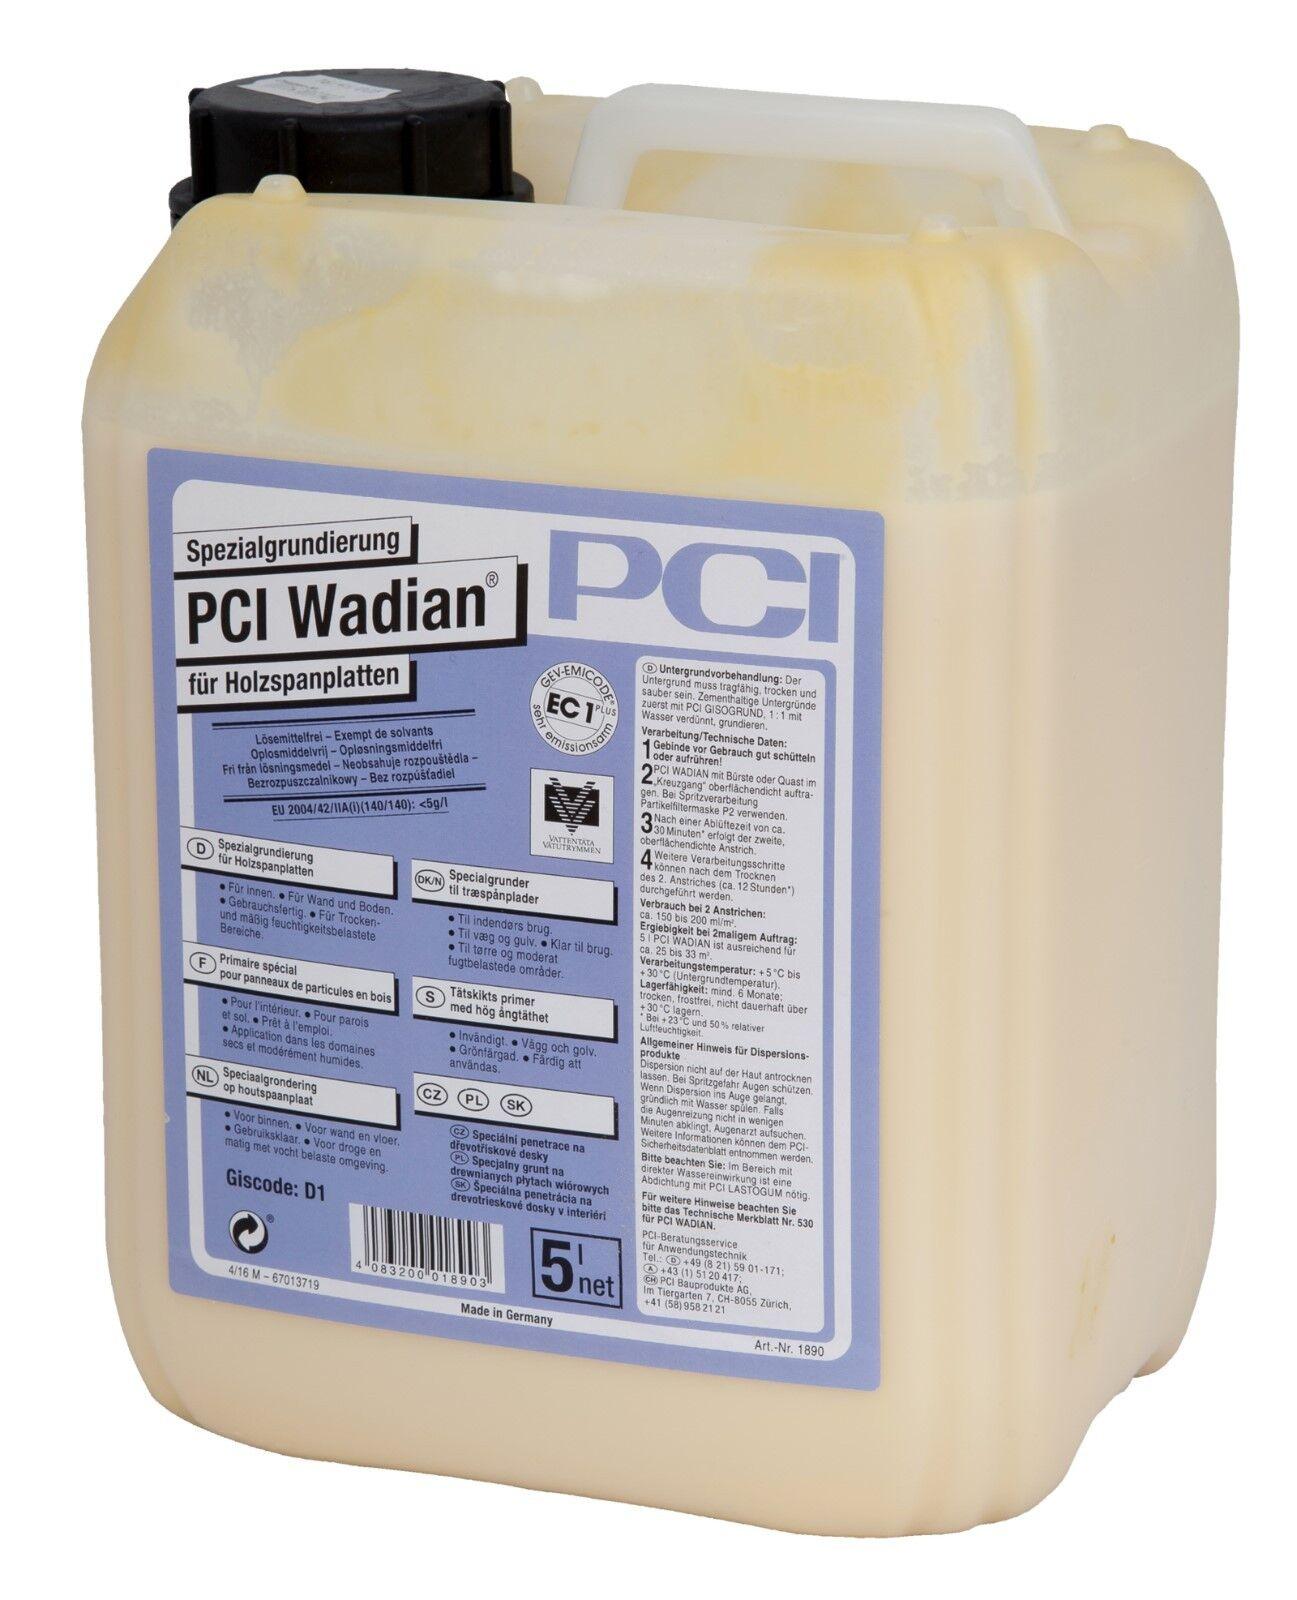 PCI Wadian 5 L Spezialgrundierung für Holzspanplatten Grundierung Spanplatte